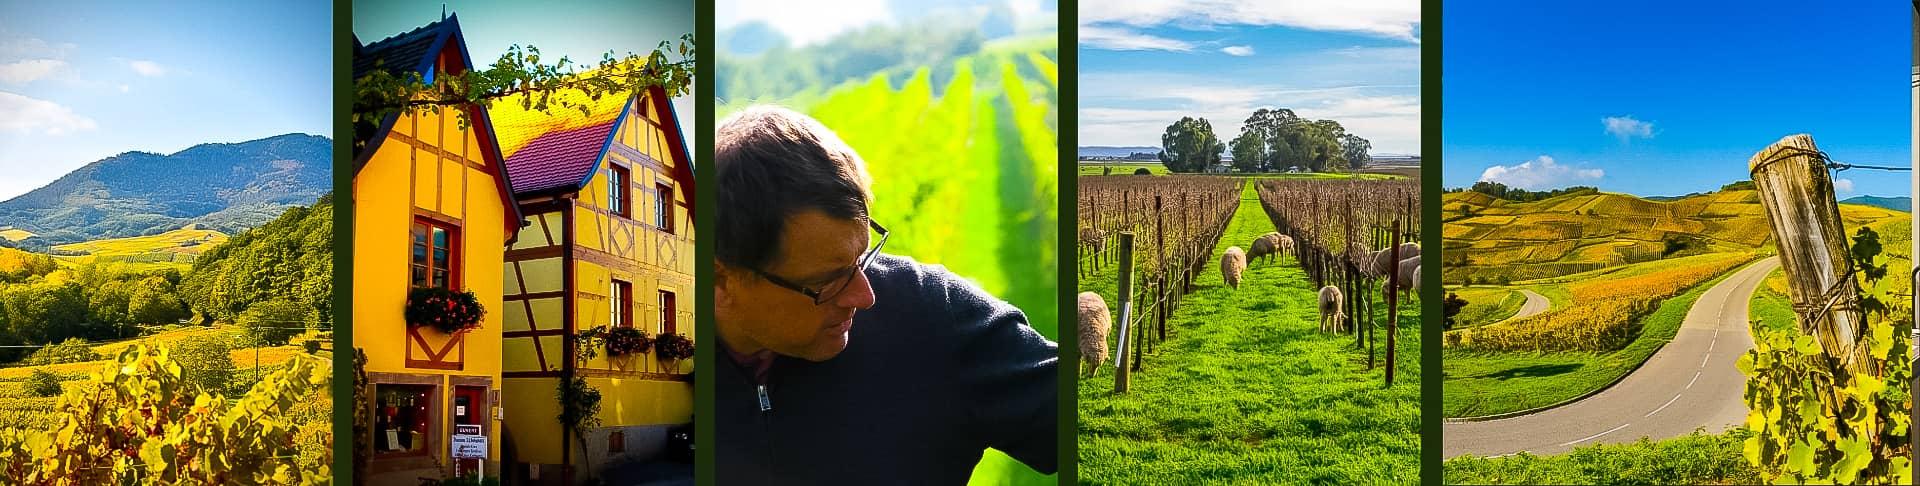 Domaine J.L. Schwartz | Vins D'Alsace